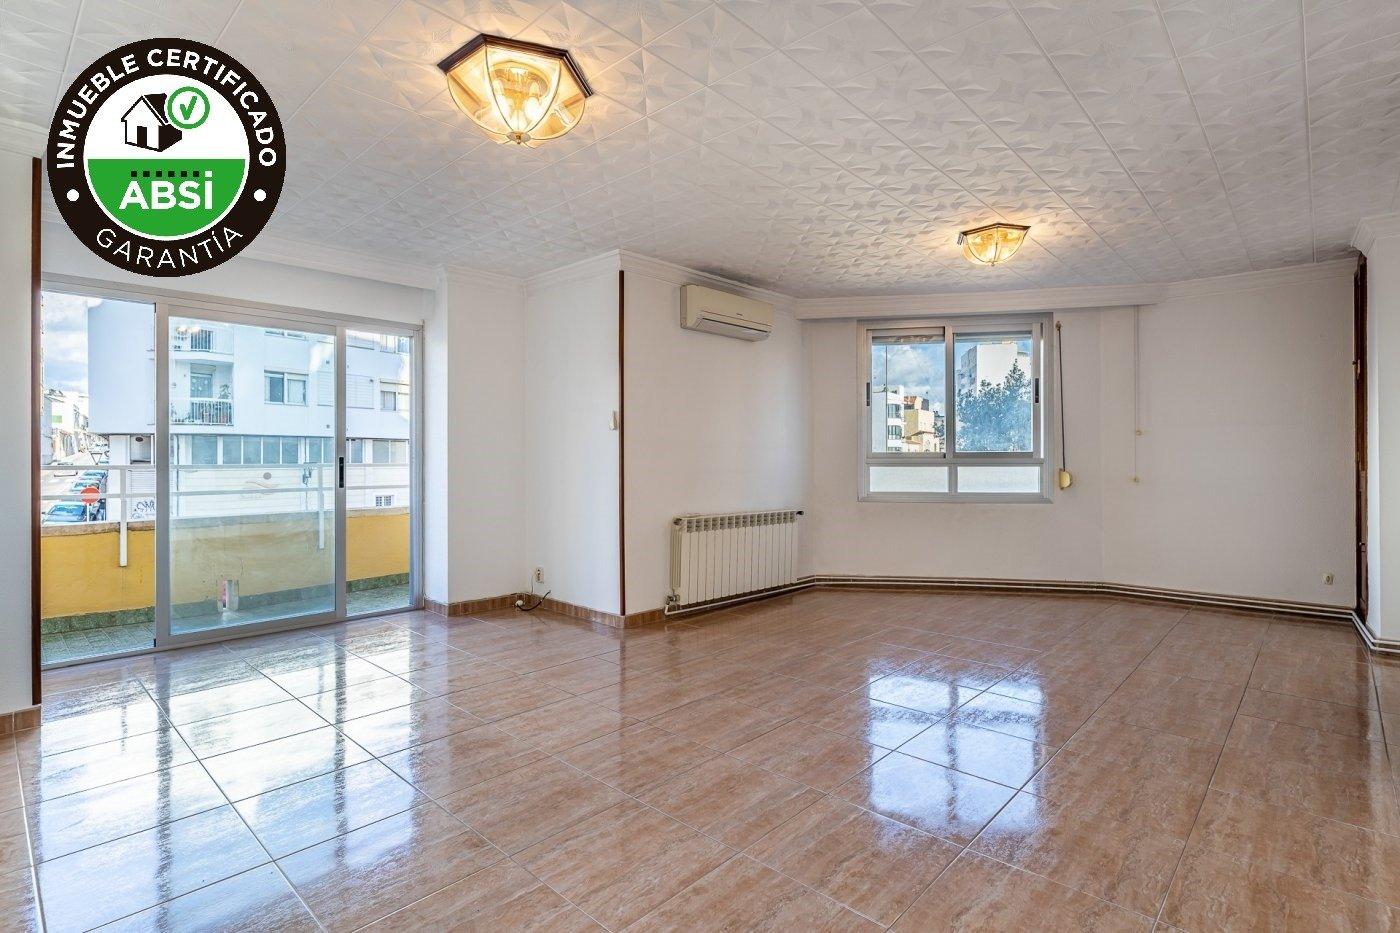 Piso de 105 m² de superficie (con ascensor) ubicado en la zona de son espanyolet, palma de - imagenInmueble0